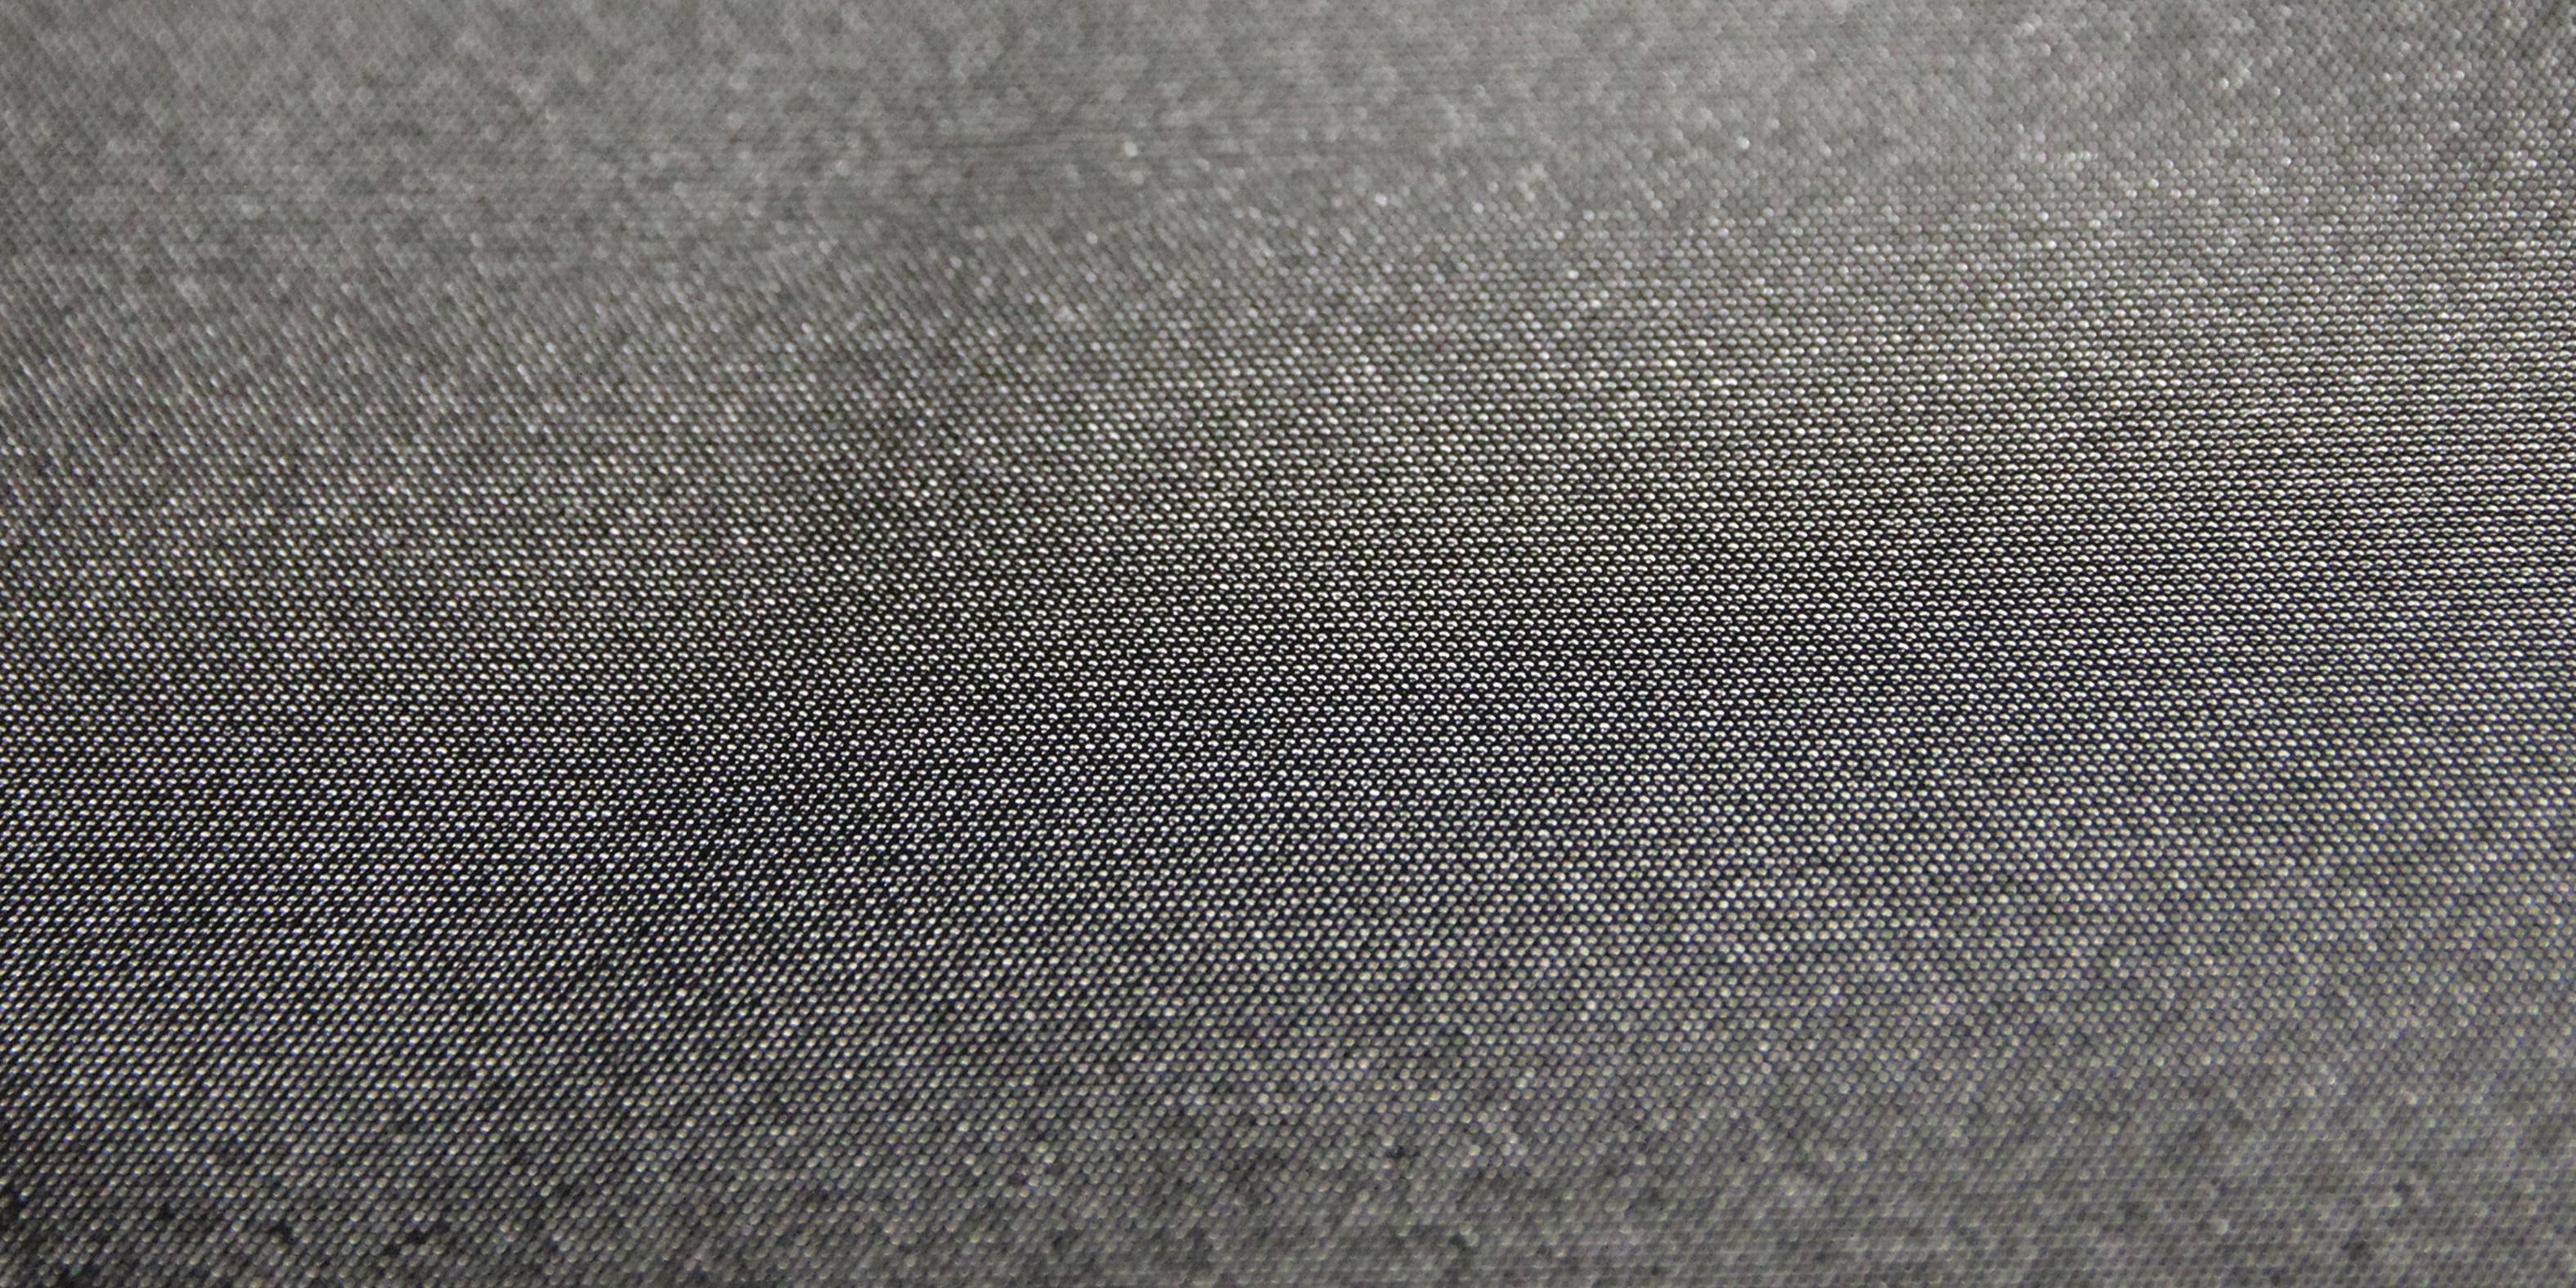 Шелковая бумага для что это